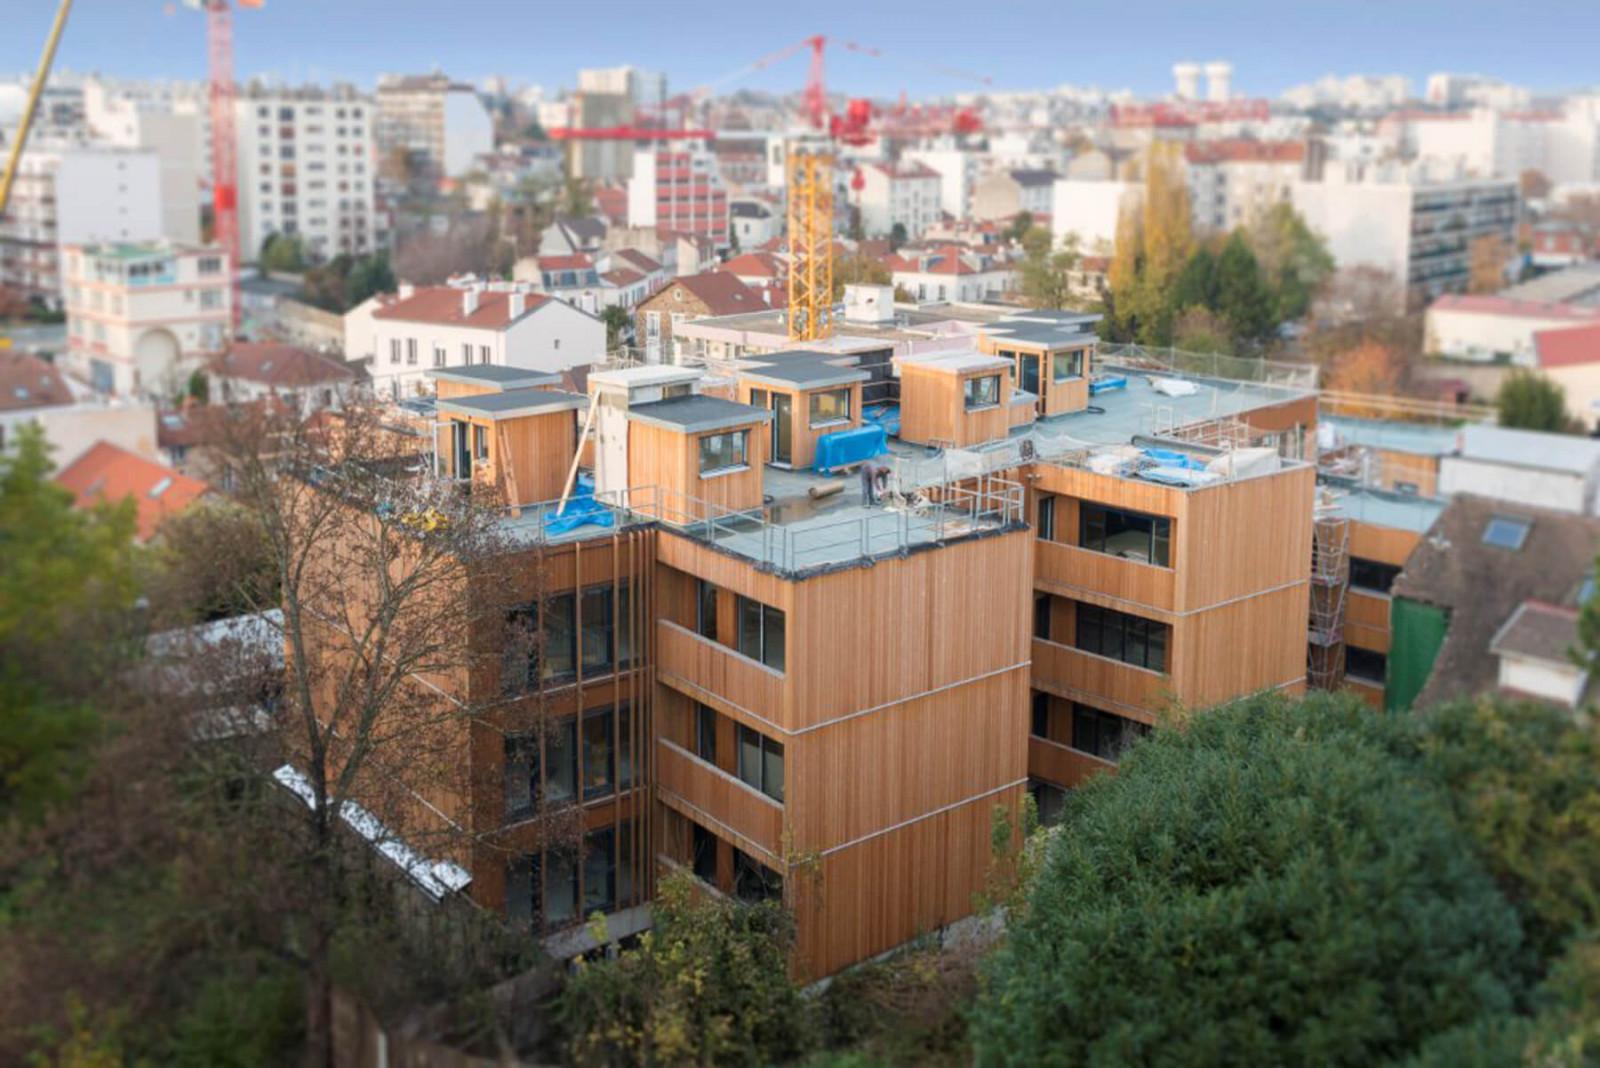 graam-fonderie-02-logements-montreuil-ville-toit-aerienne-bois